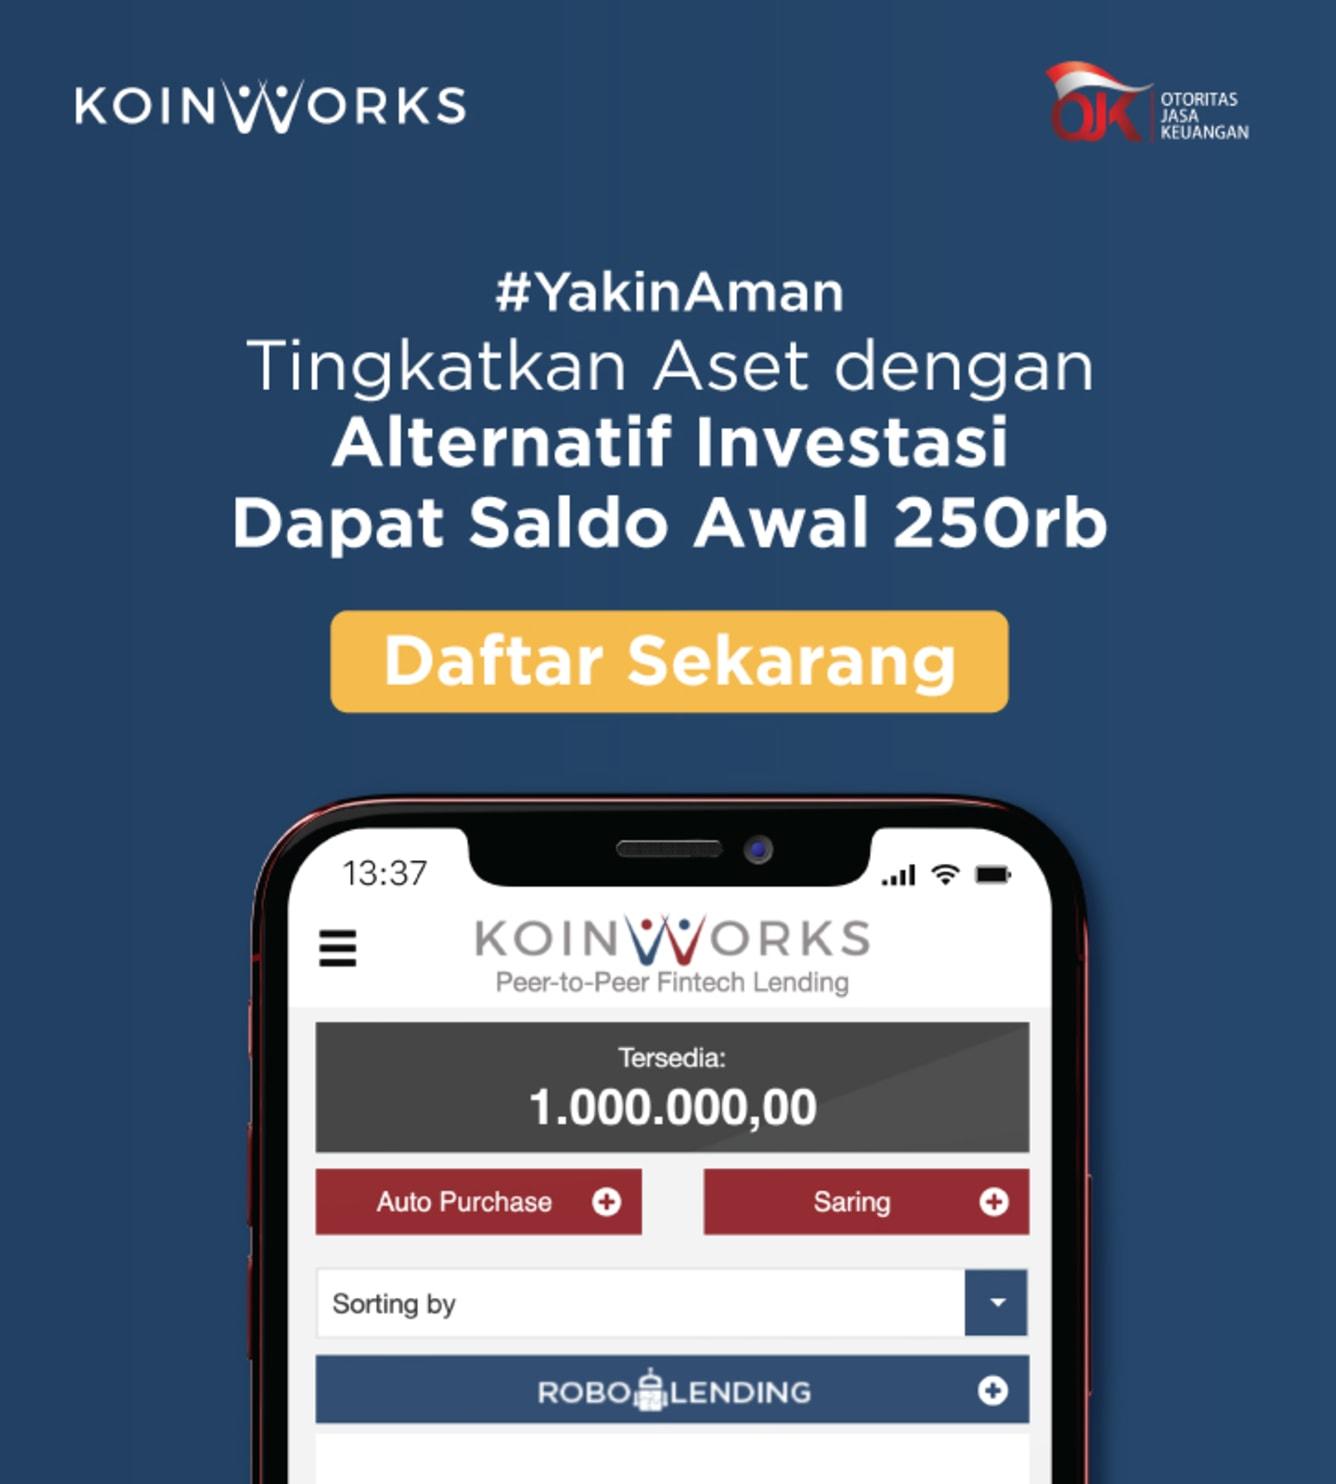 Week 42 - Promo Koinworks